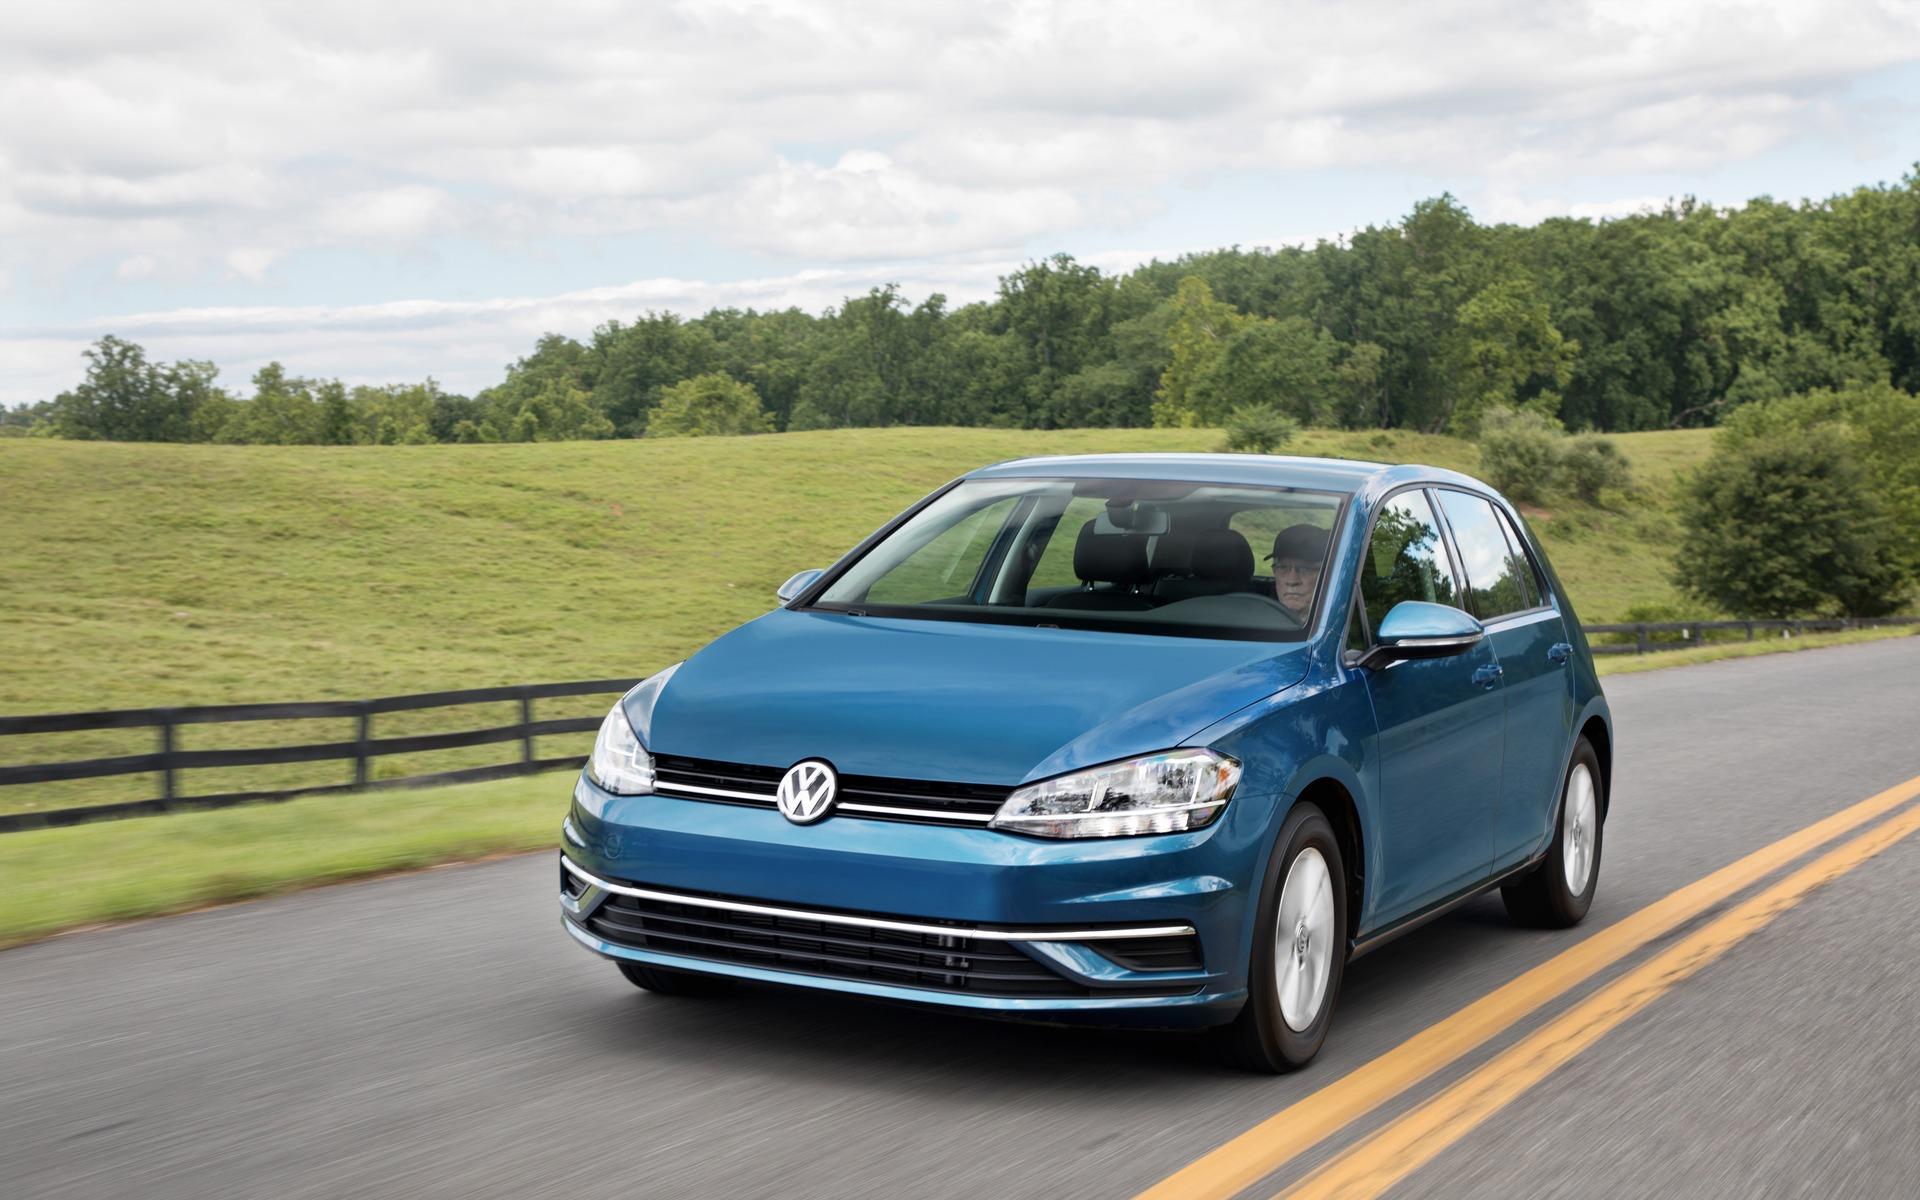 Volkswagen Golf : l'avenir de Volkswagen… depuis 45 ans! 387811_Volkswagen_Golf